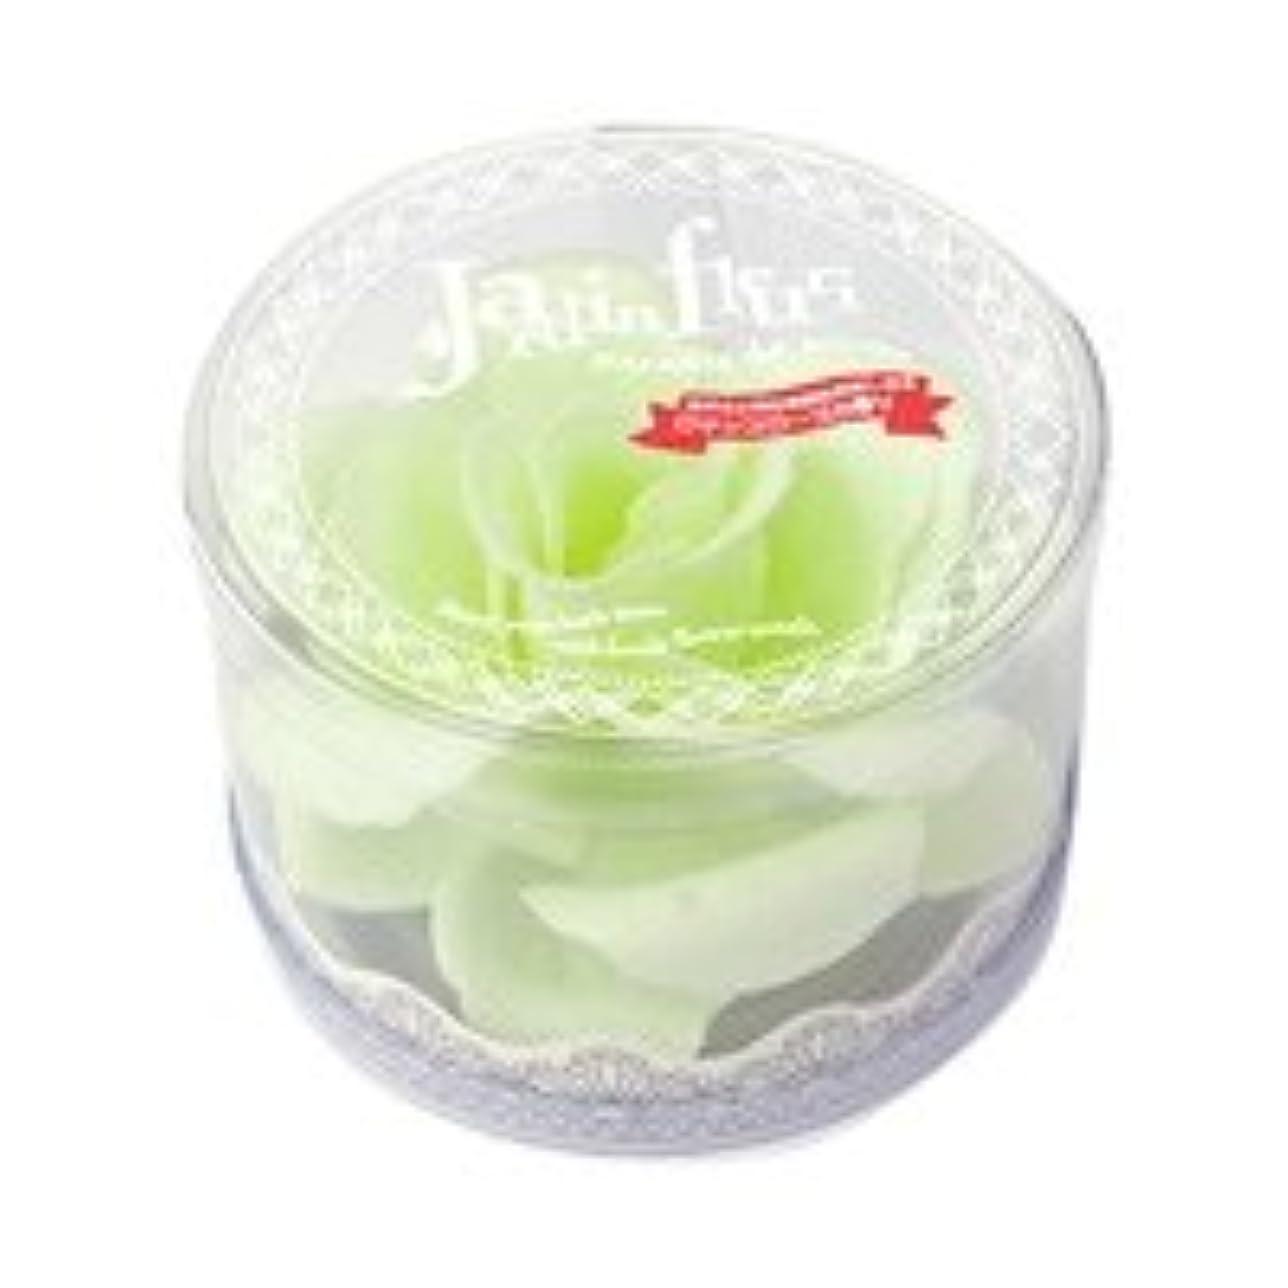 誕生経過ゲームジャンダンフルリ バスペタル ボックス「ペール グリーン」6個セット ロマンスローズの香り